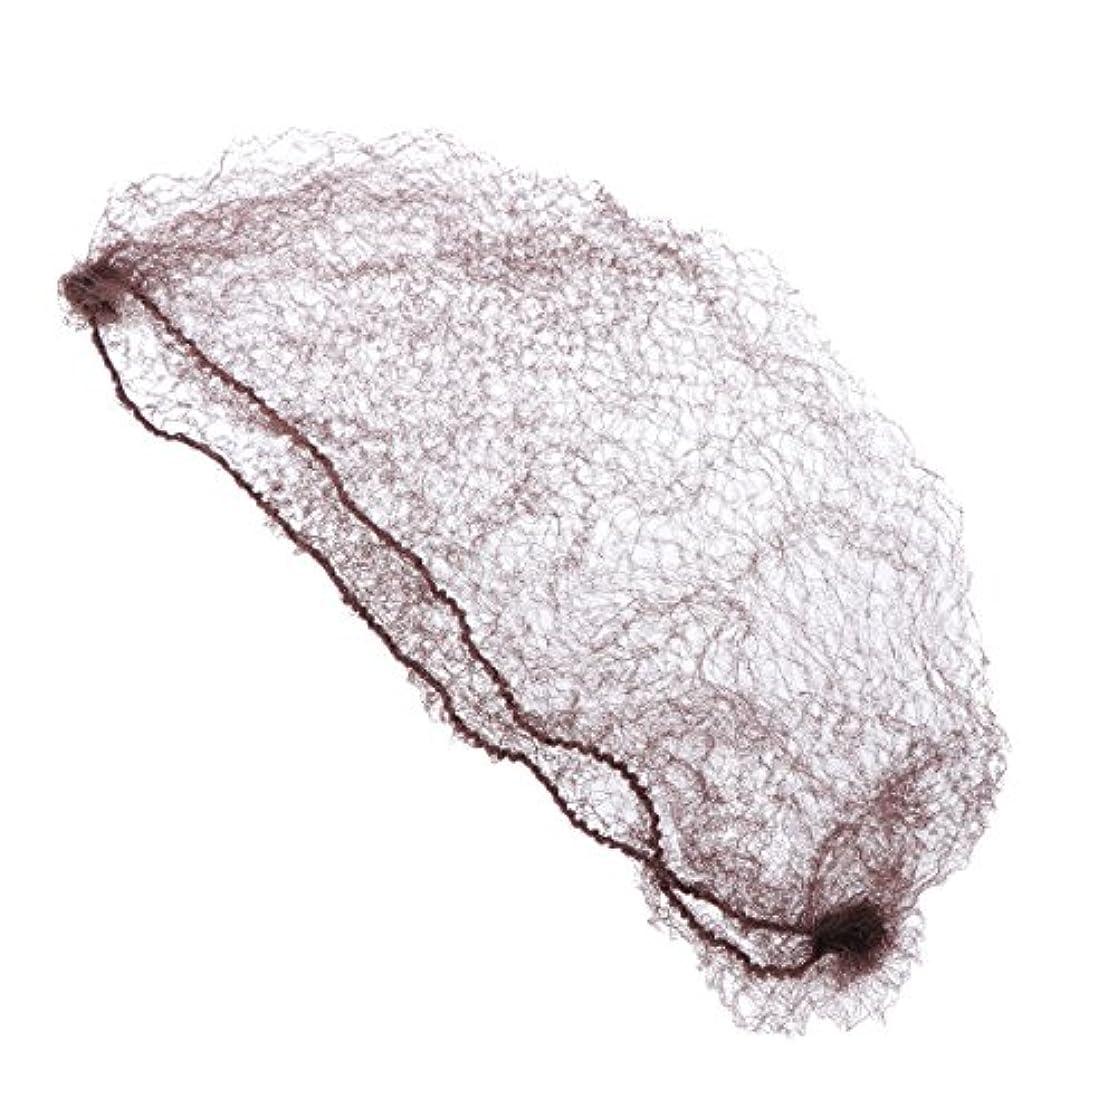 学校の先生エールルームFrcolor ヘアネット 髪束ねネット 目に見えない 弾性 団子ドレスアップ アクセサリー 再利用可能 50本 (コーヒー/ 50cm)